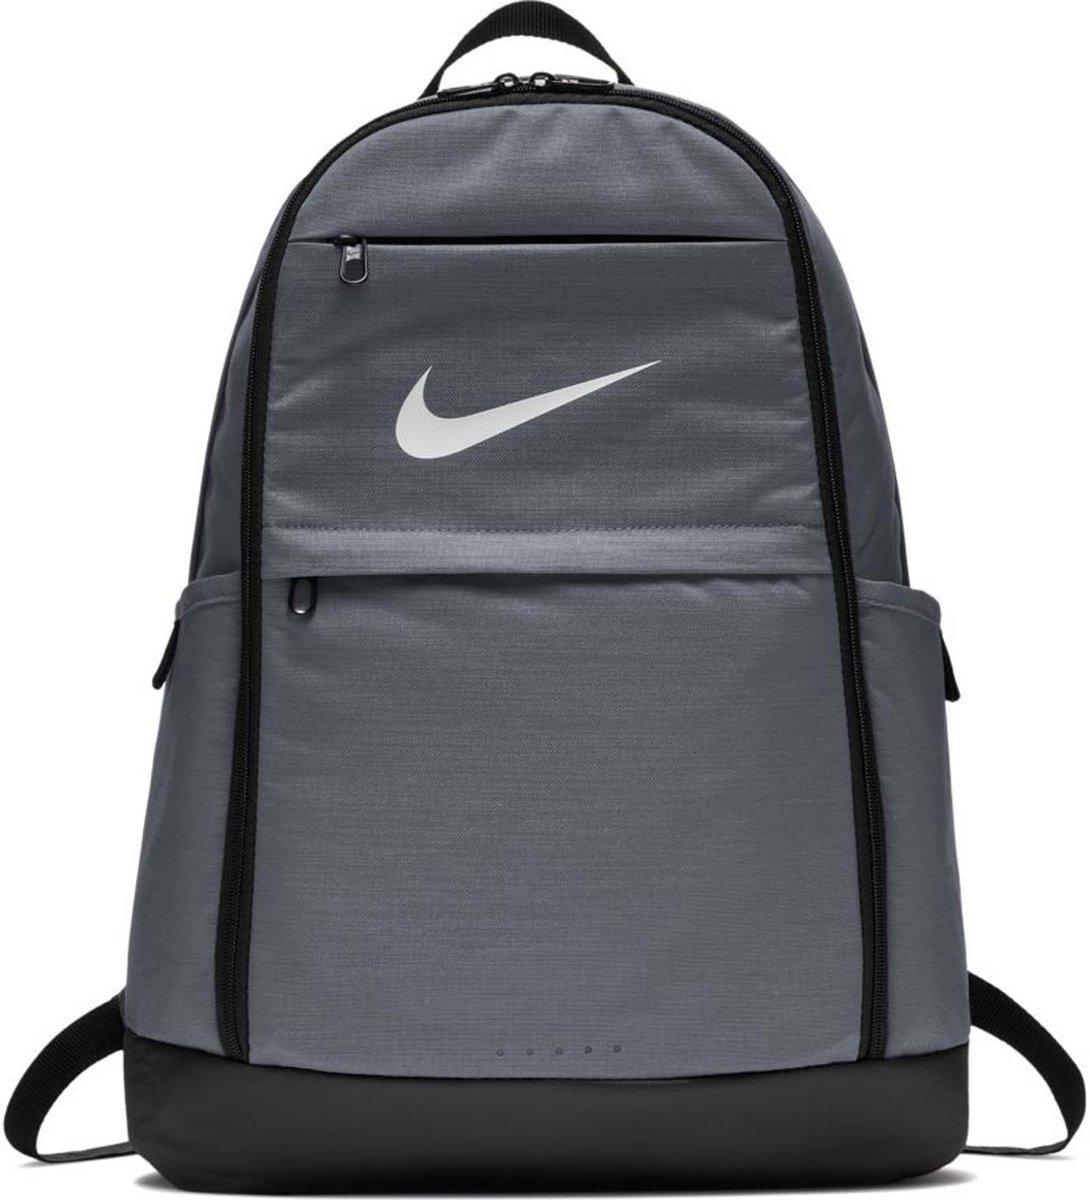 Nike Brasilia Xl Backpack Rugzak Unisex - Grijs kopen